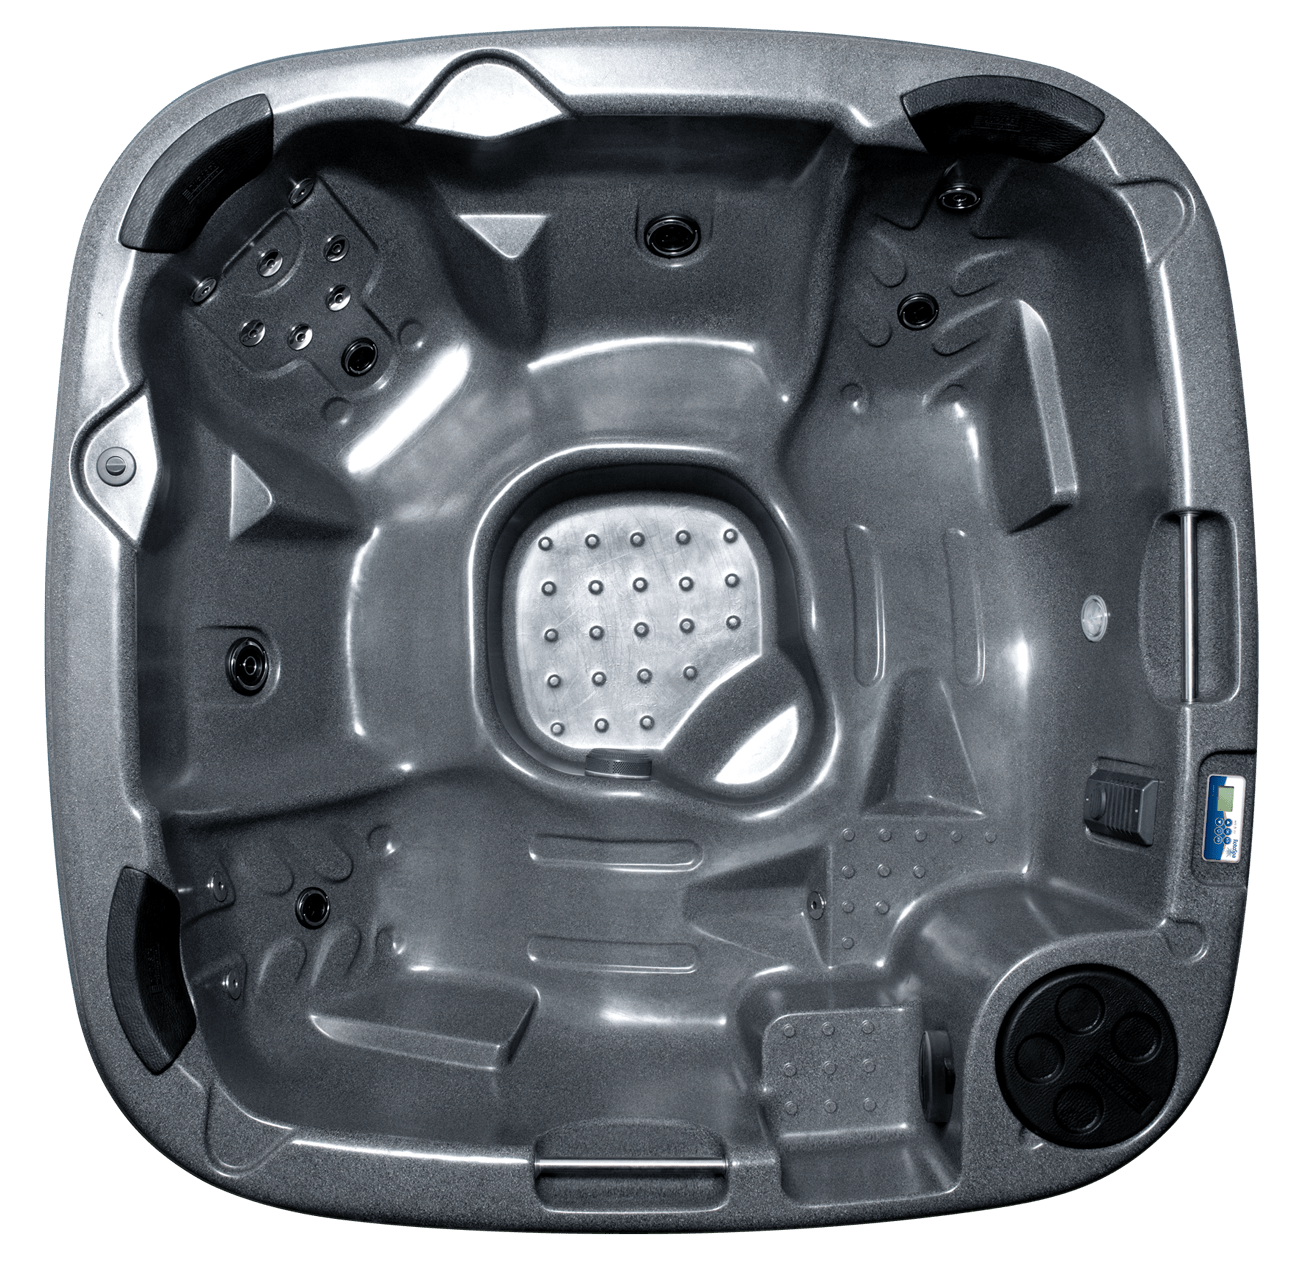 The DuraSpa S160 Hot Tub